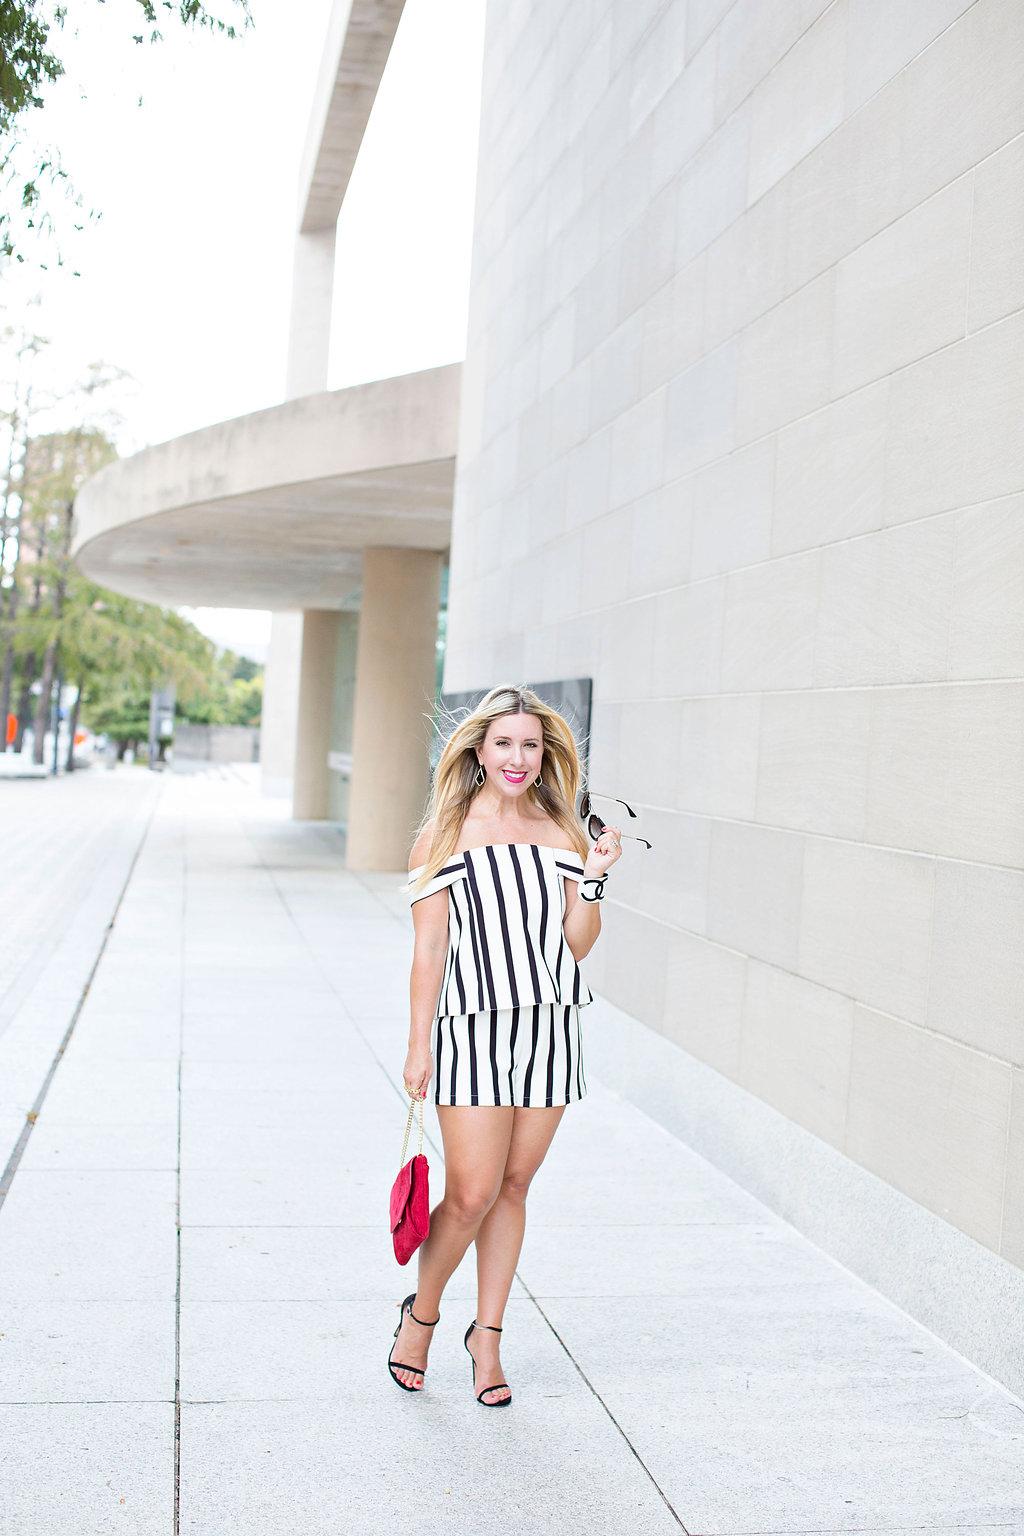 Topshop Romper - Dallas TX - Fashion Blogger - Dallas TX